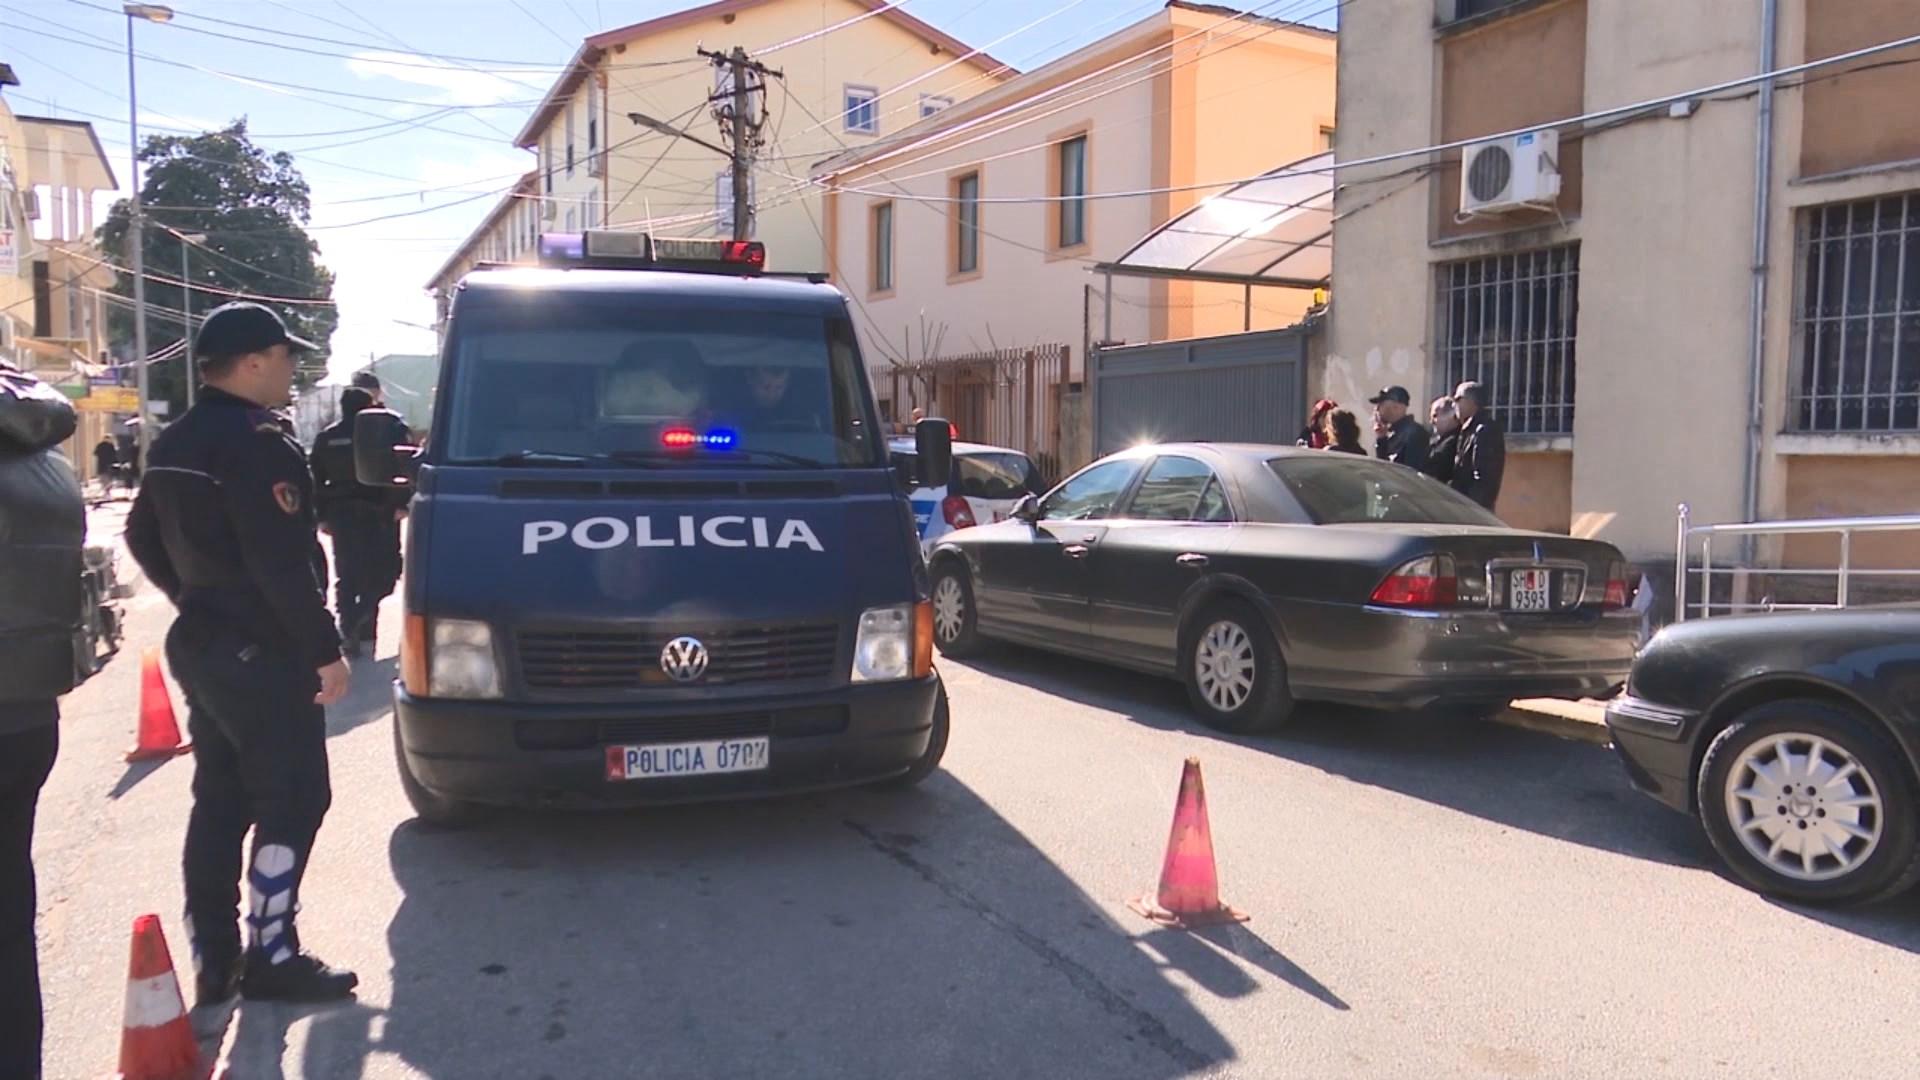 Video e skandalit, gjykata e Shkodrës 30 ditë burg për policin